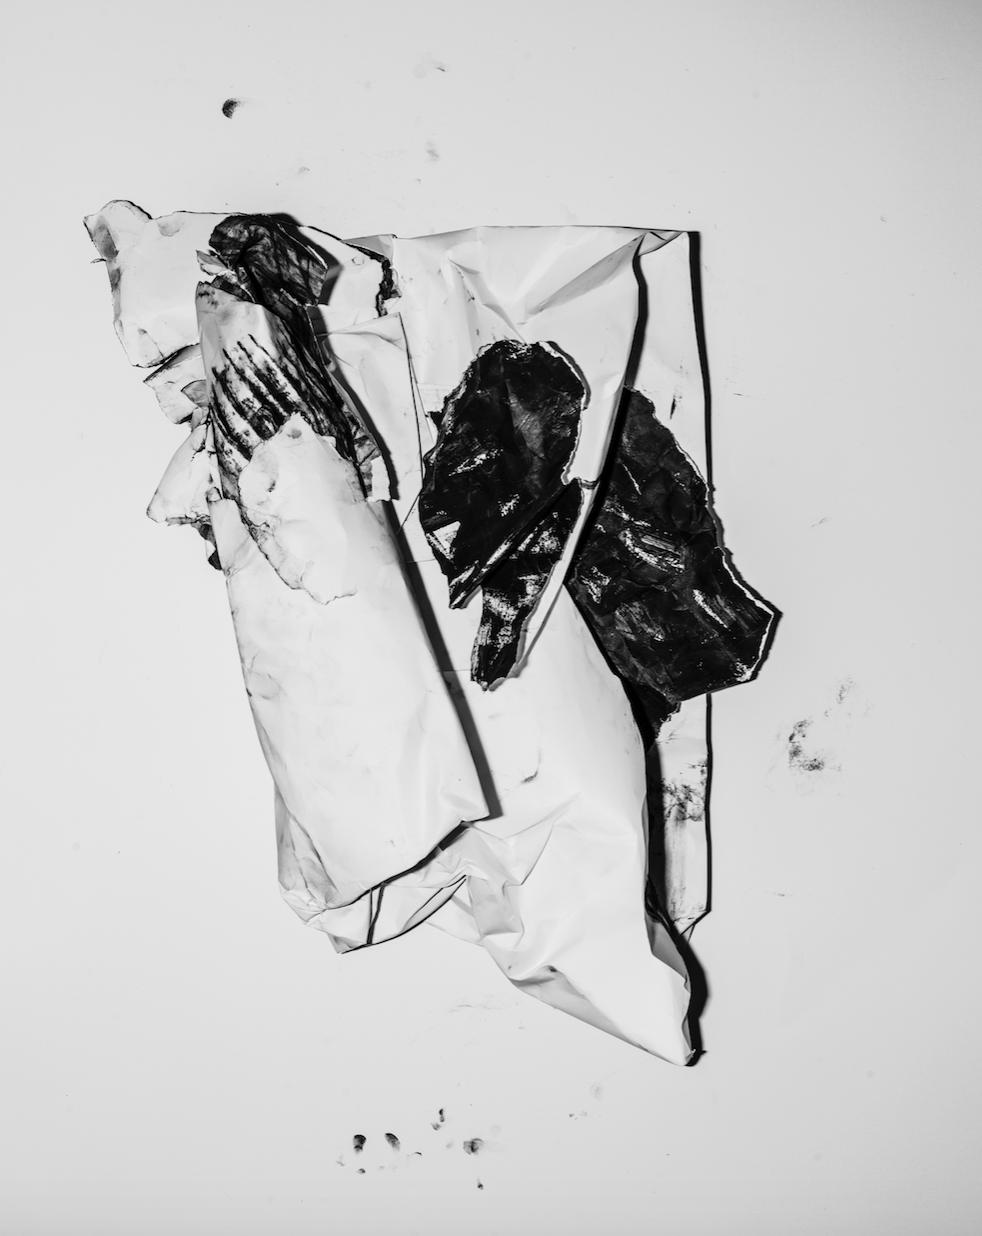 T.T.T.T. - Foto op bariet papier - 90 x 112 cm